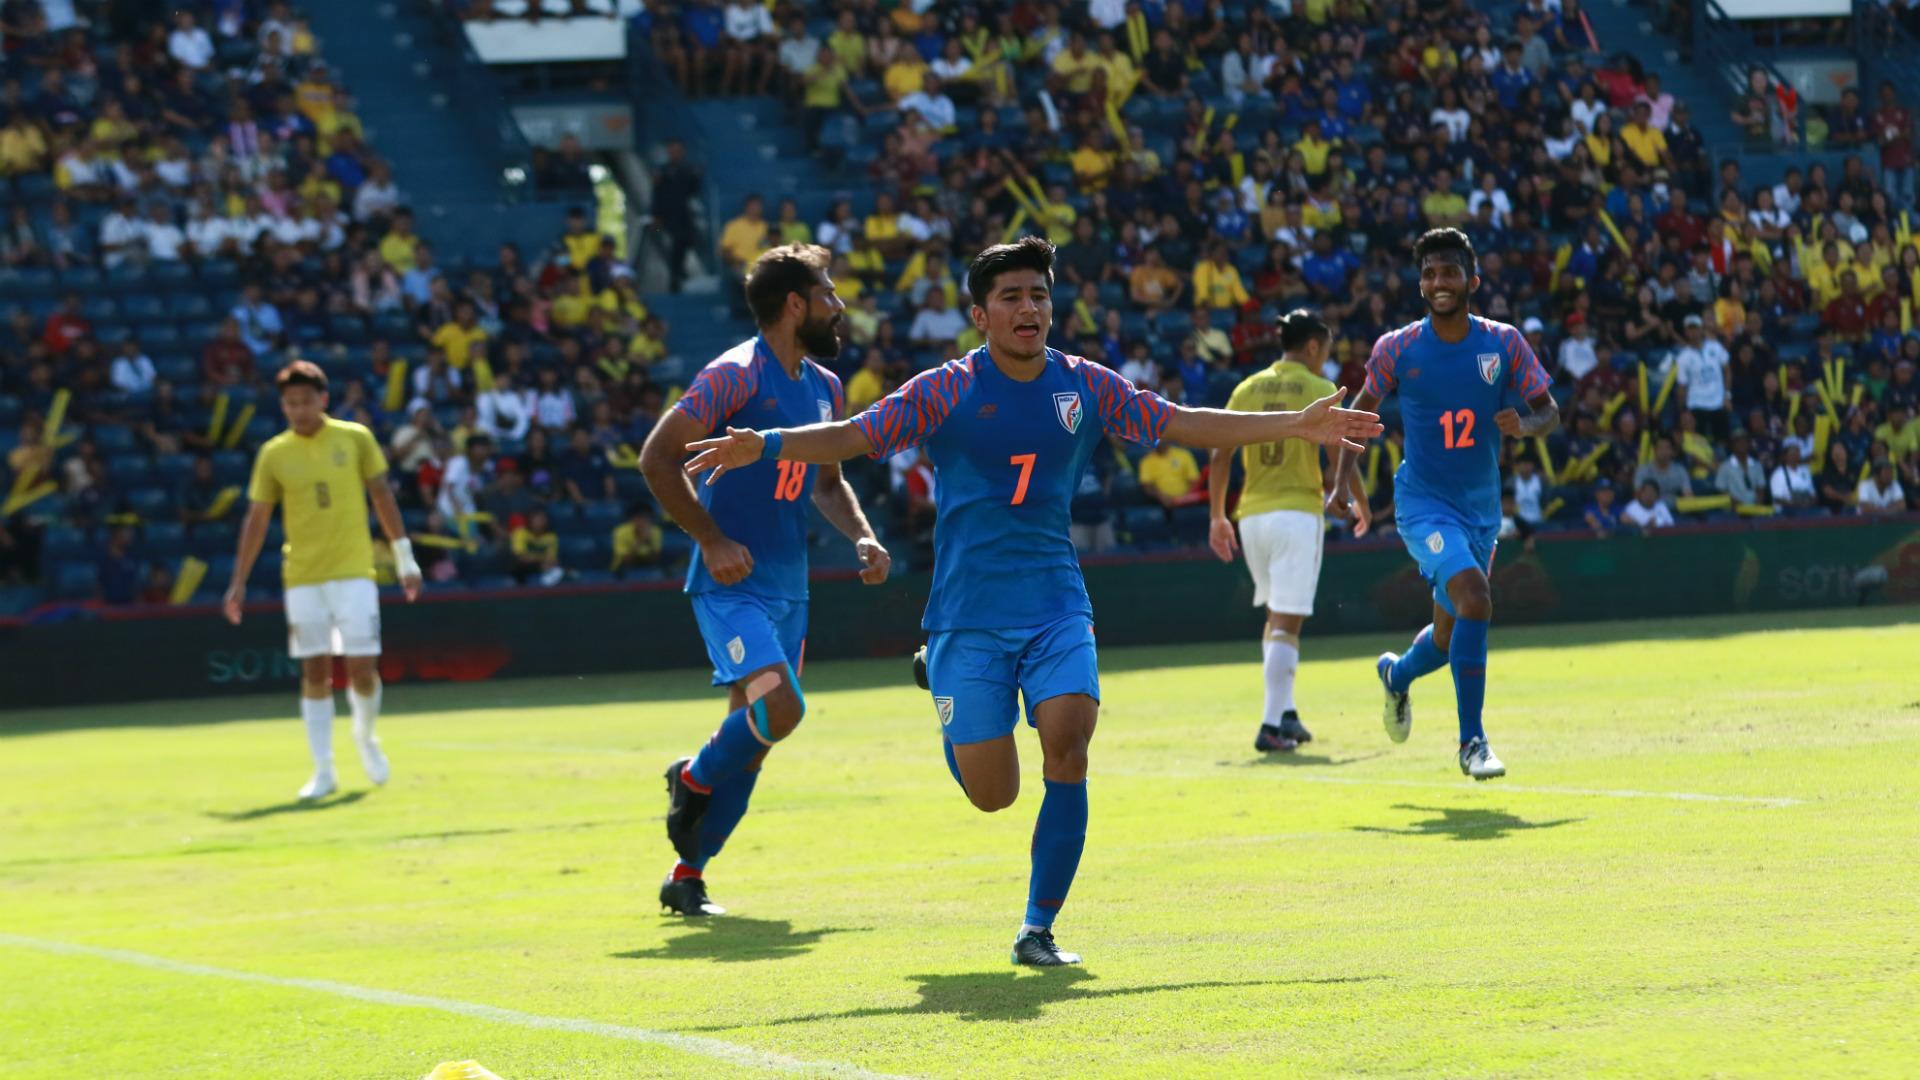 Intercontinental Cup 2019 LIVE: India vs Tajikistan